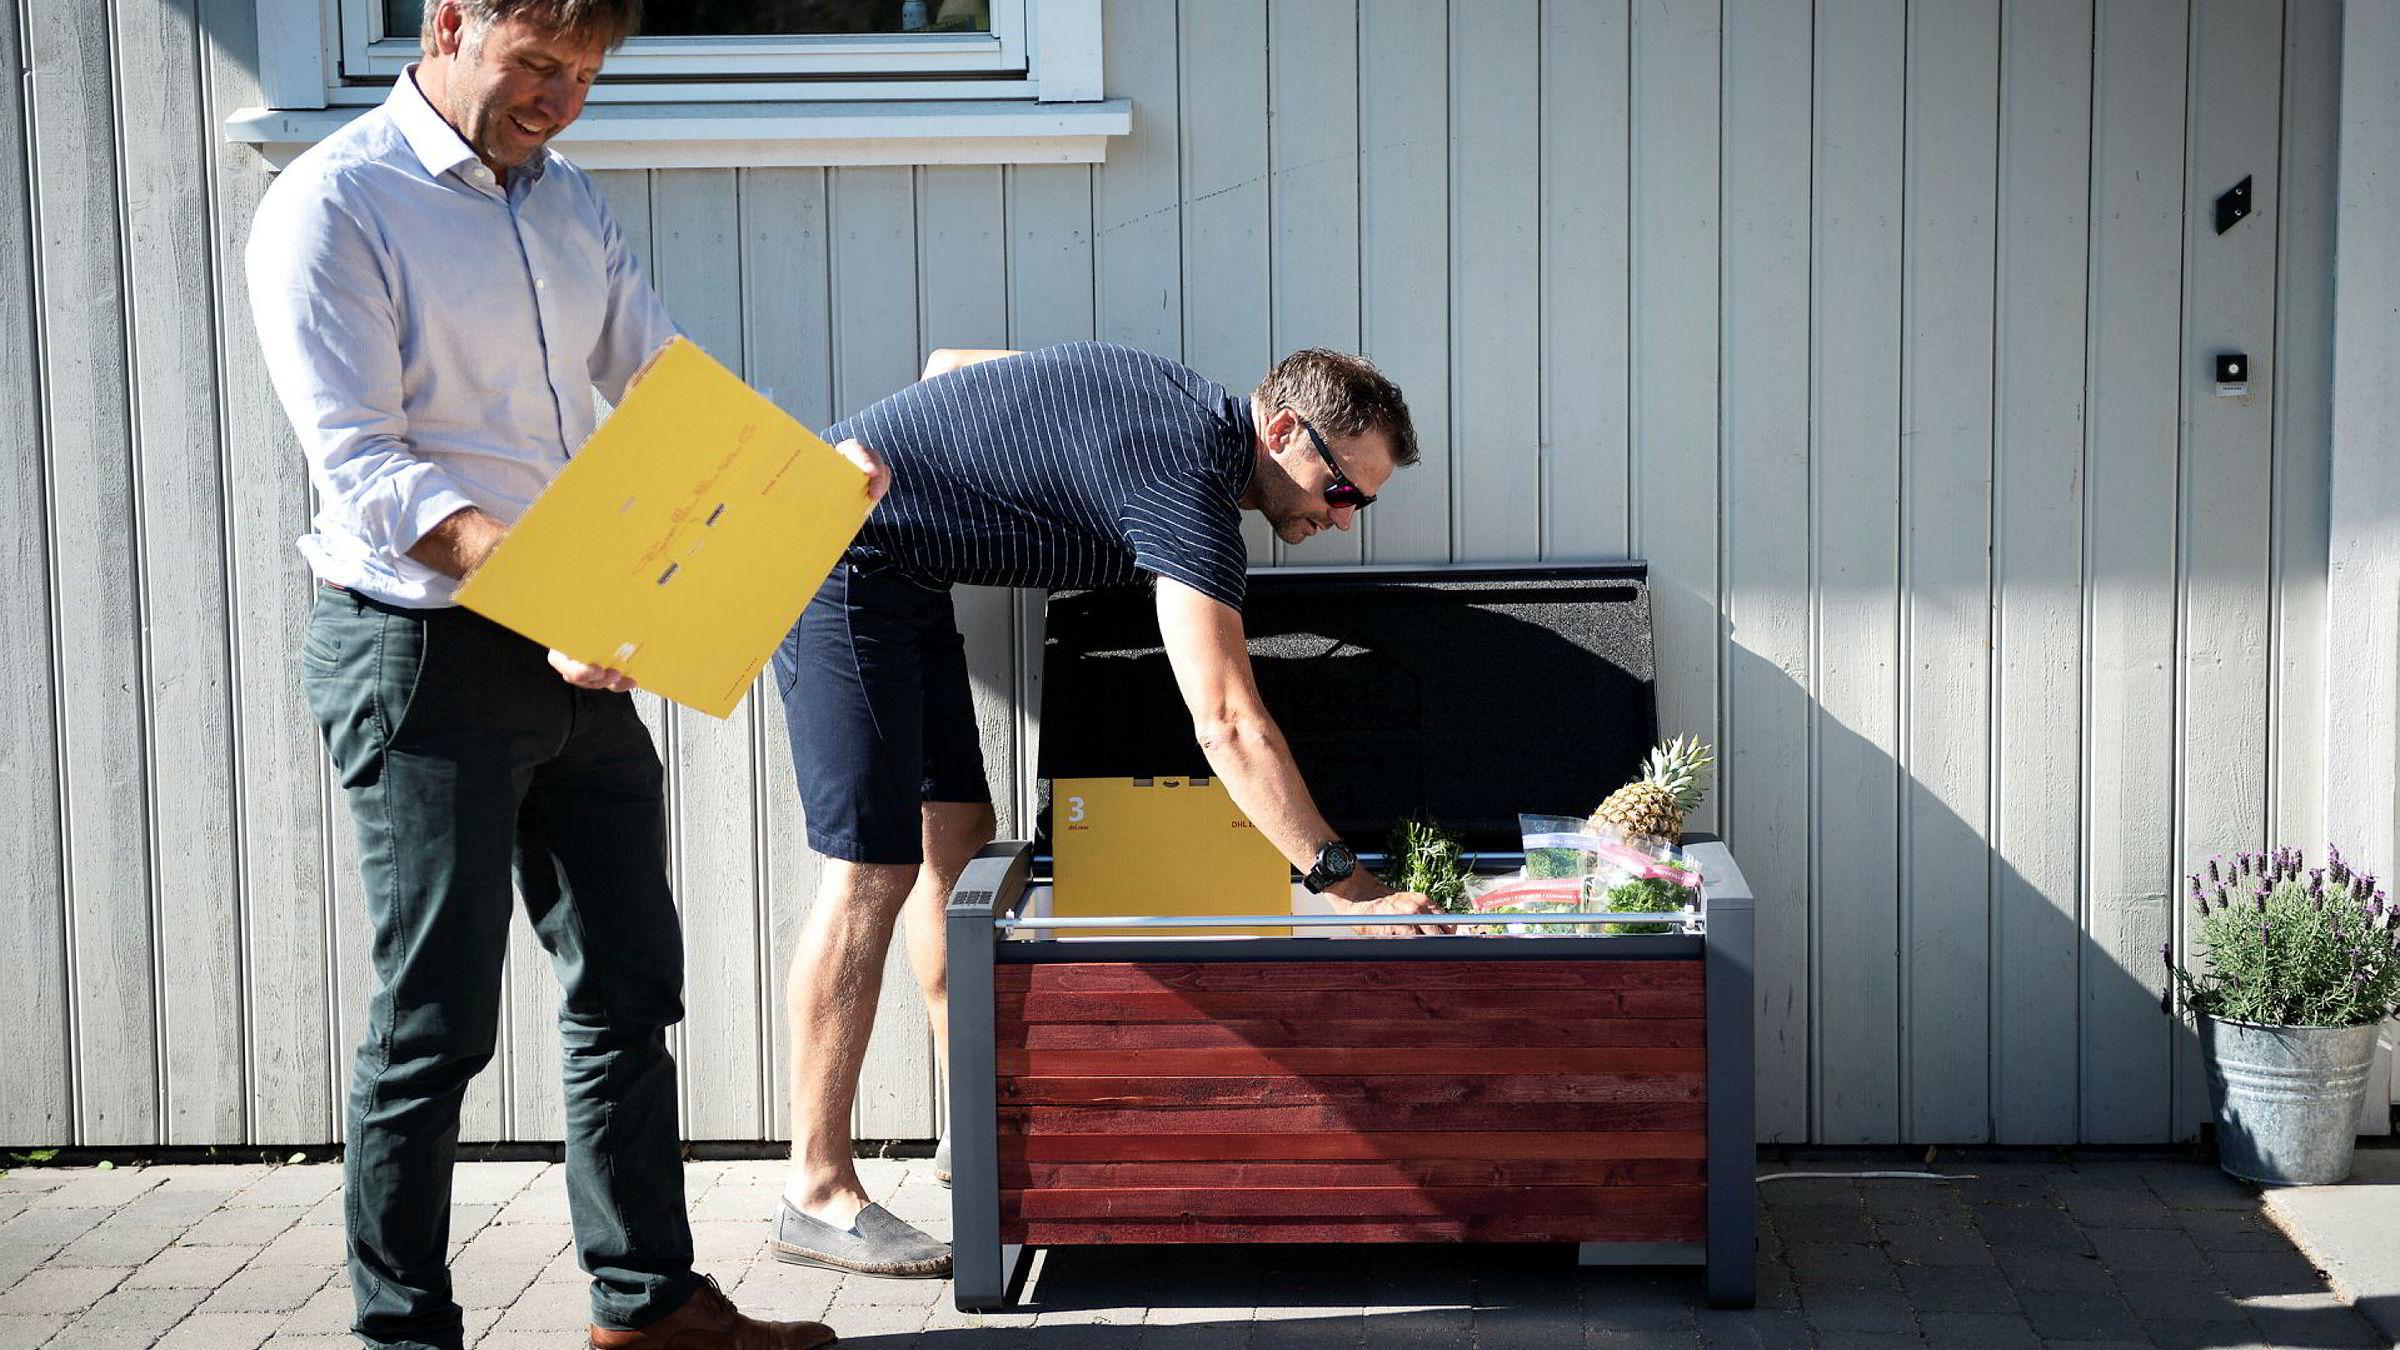 Gründeren Karl-Einar Jensen (til venstre) og designeren Atle Stubberud i Homeboxx er i ferd med å etablere produksjonslinje for låsbare og temperaturkontrollerte netthandelsbokser som de mener vil revolusjonere netthandel med dagligvarer.